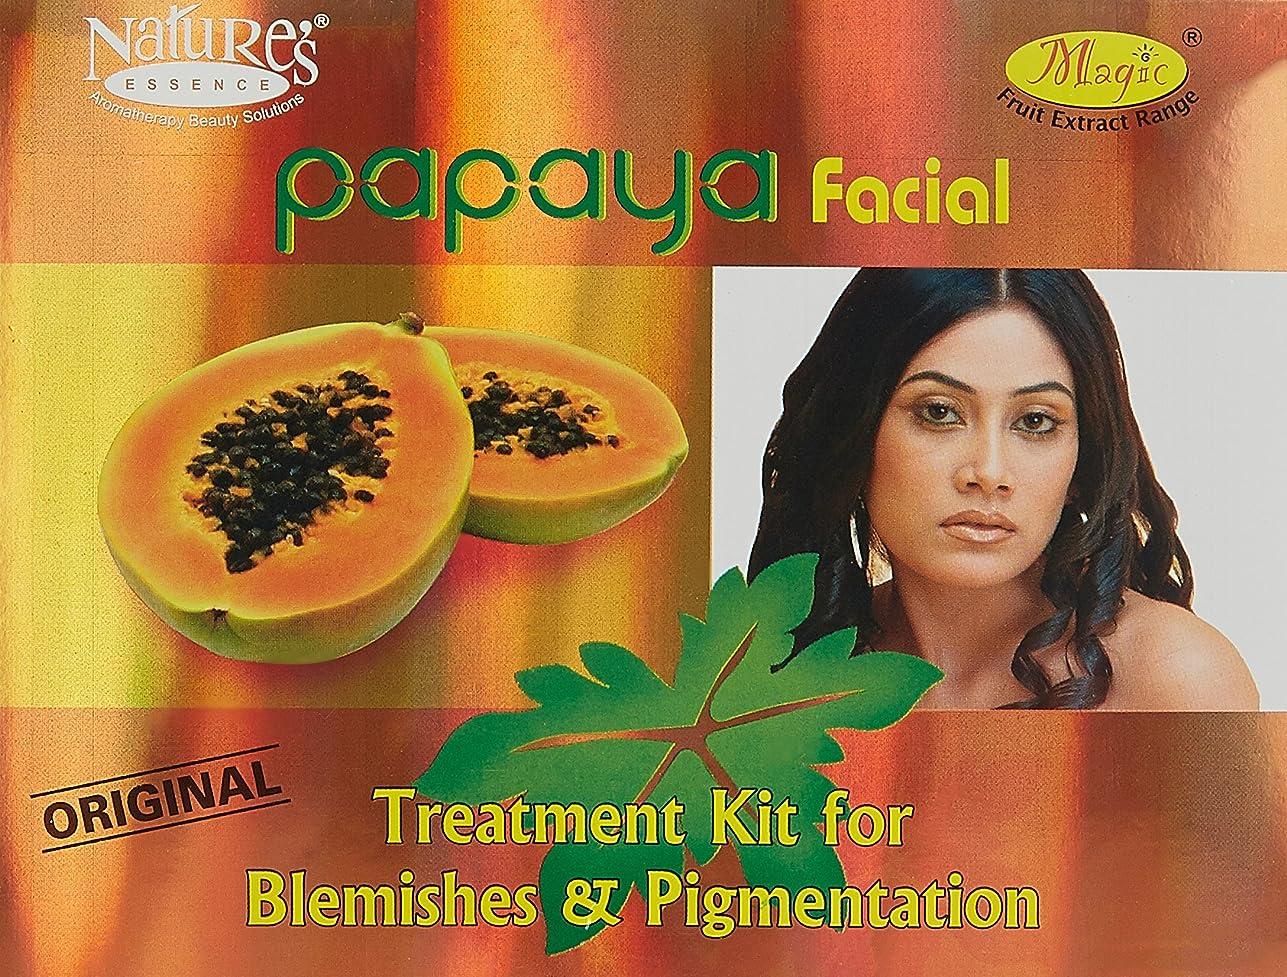 論争の的スポーツマン平和な自然のエッセンスパパイヤフェイシャルキットシミ·色素沈着1キットNature's Essence Papaya Facial Kit Blemishes & Pigmentation 1 Kit